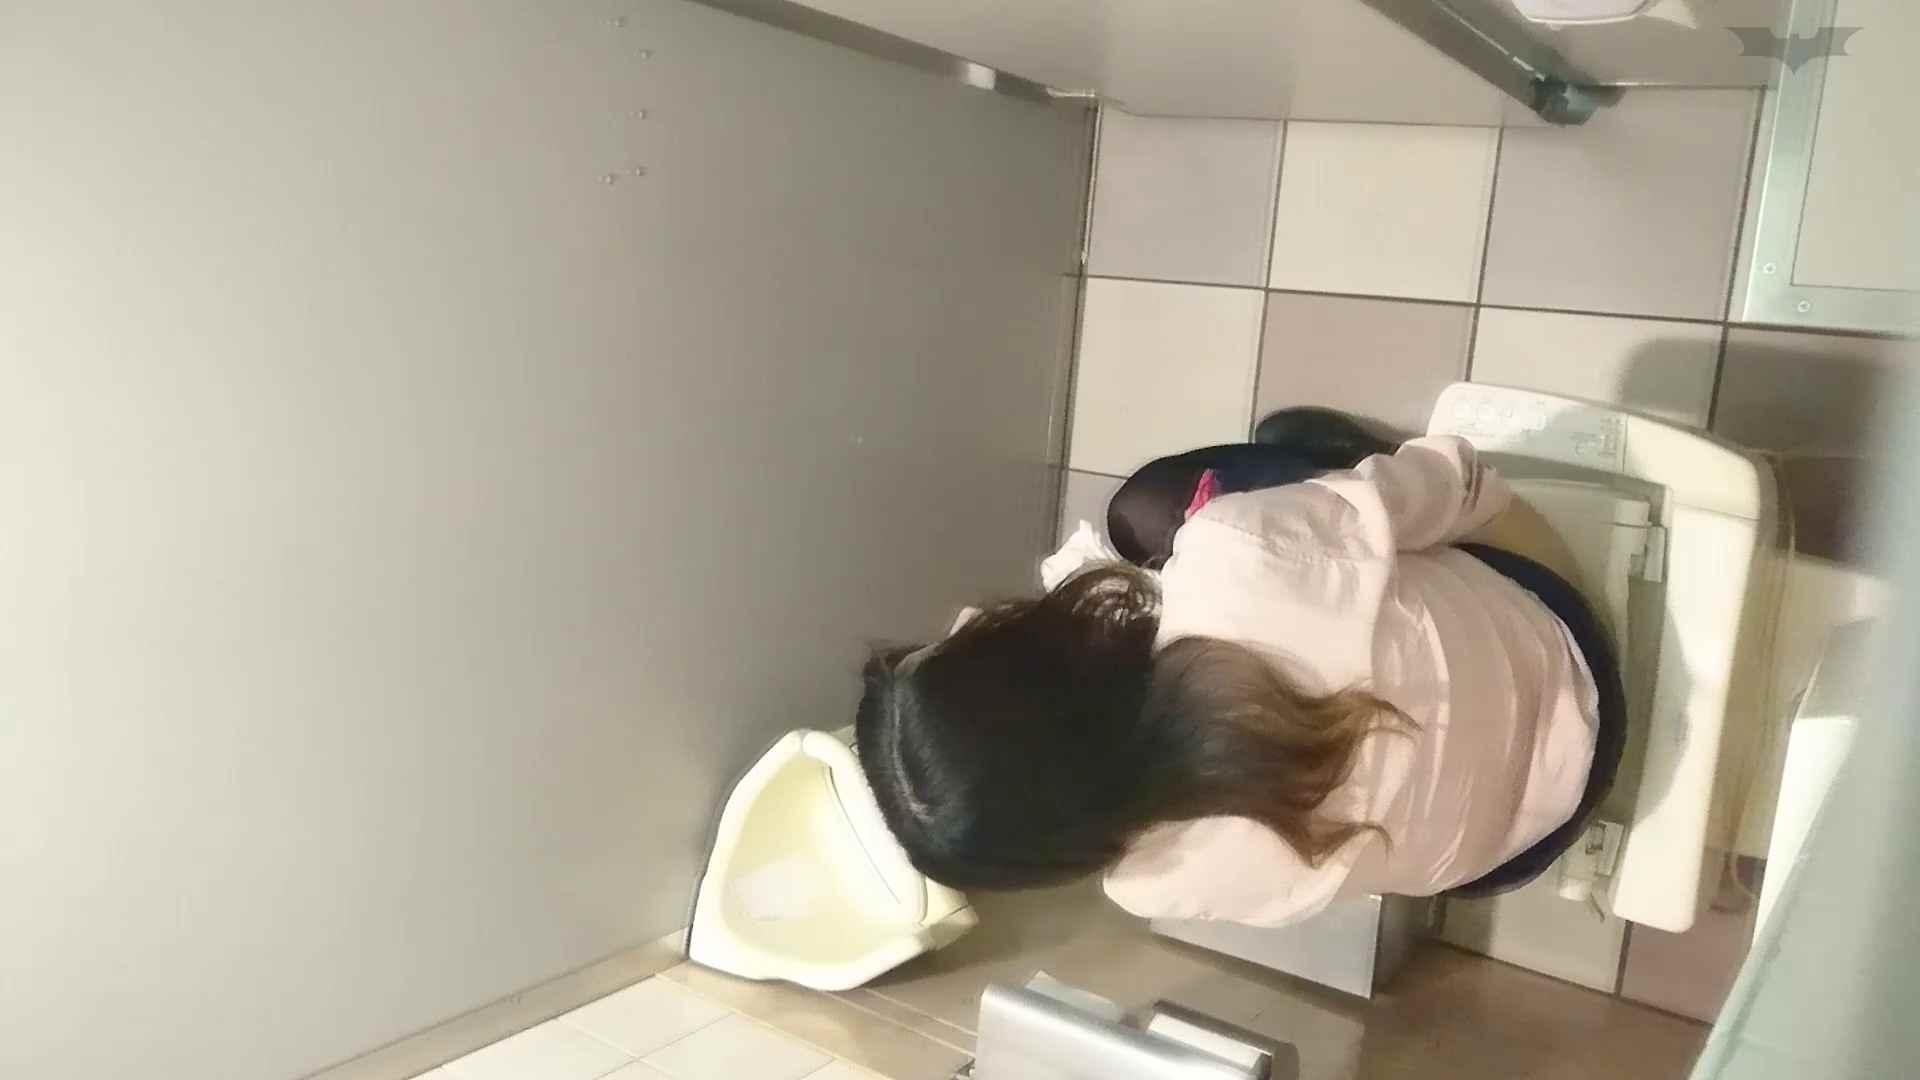 化粧室絵巻 ショッピングモール編 VOL.19 OL  93pic 77